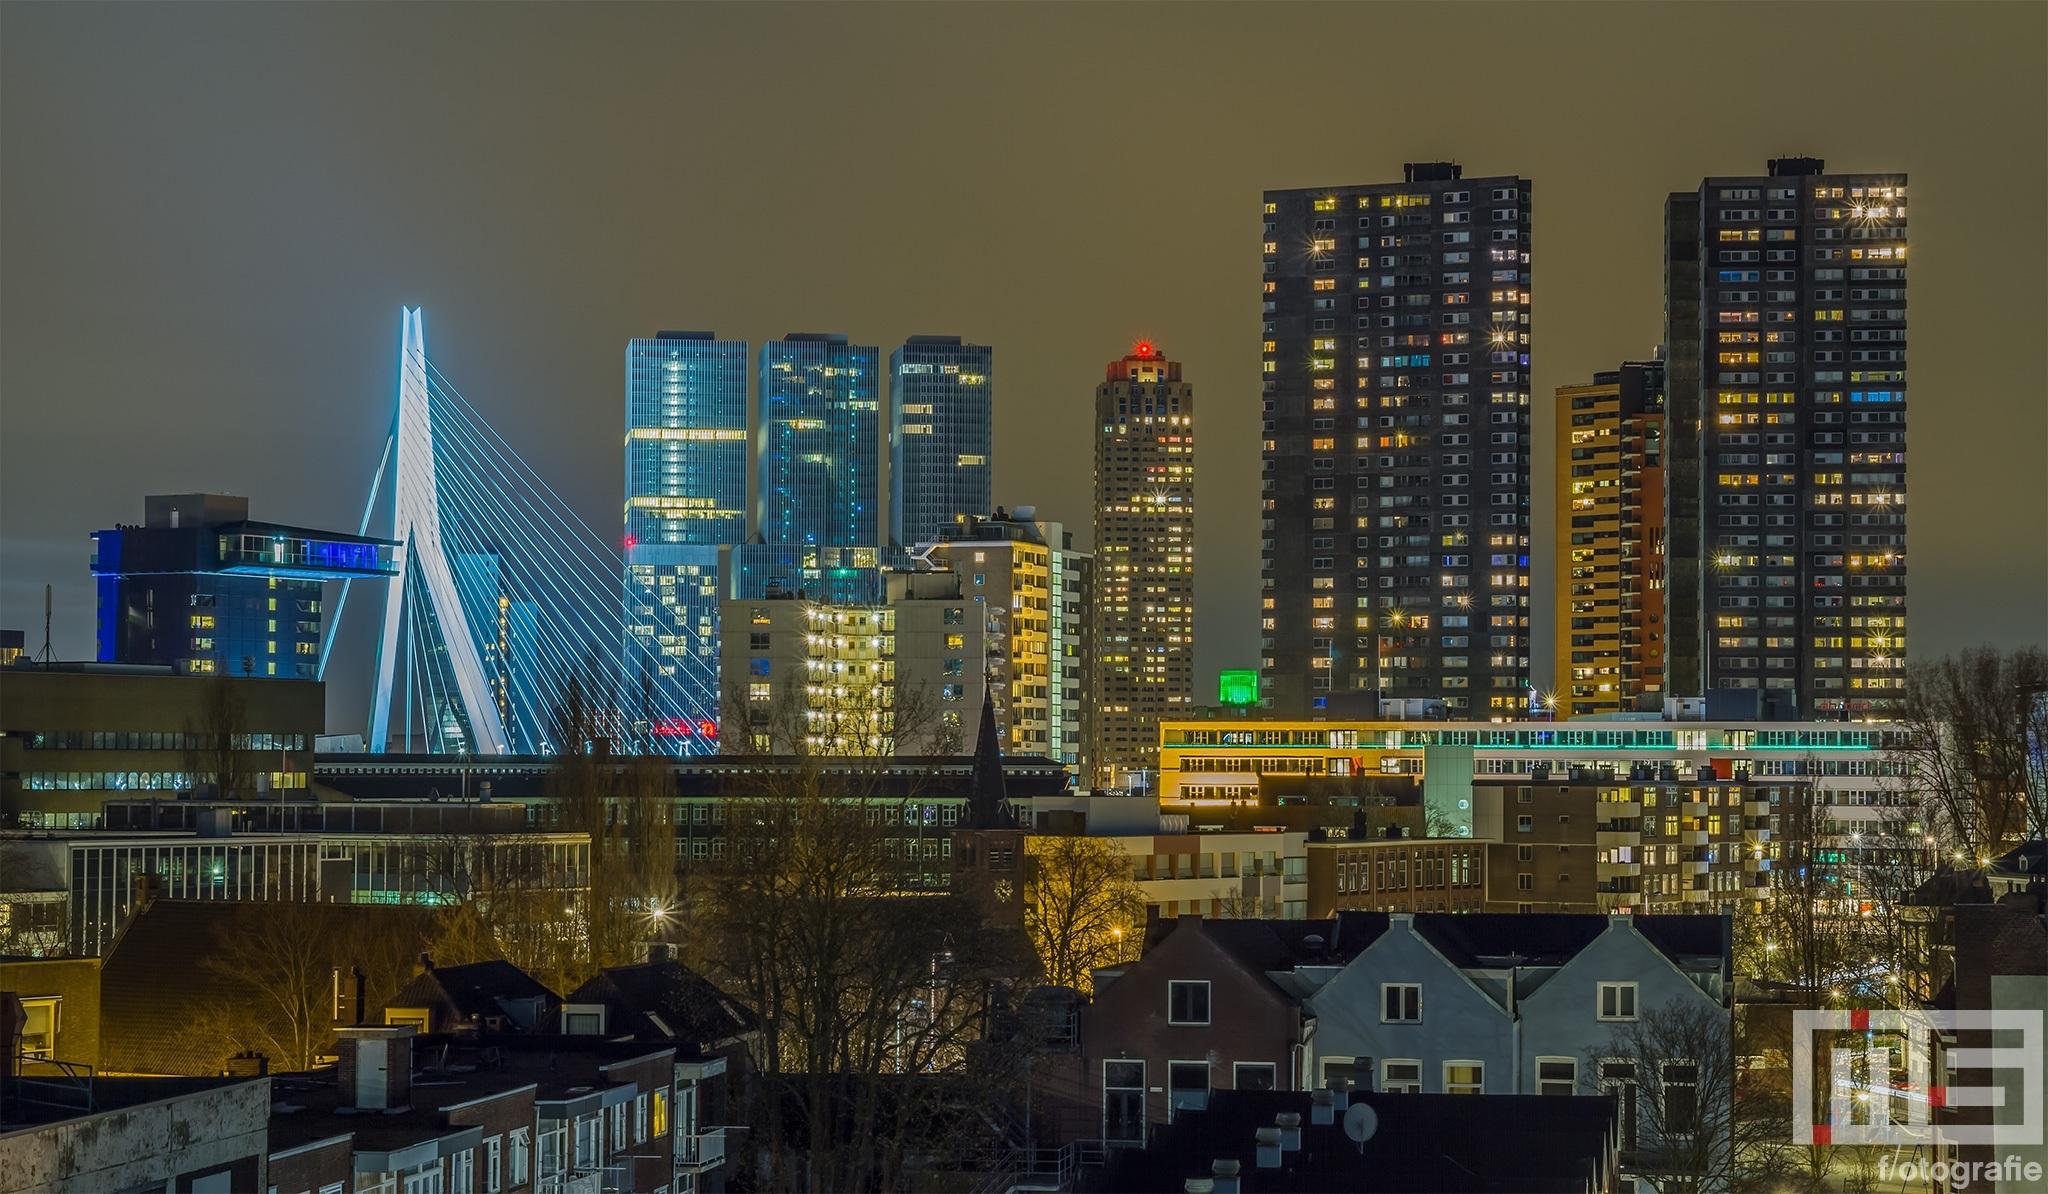 Het uitzicht op de Wilhelminapier met Erasmusbrug in Rotterdam by Night